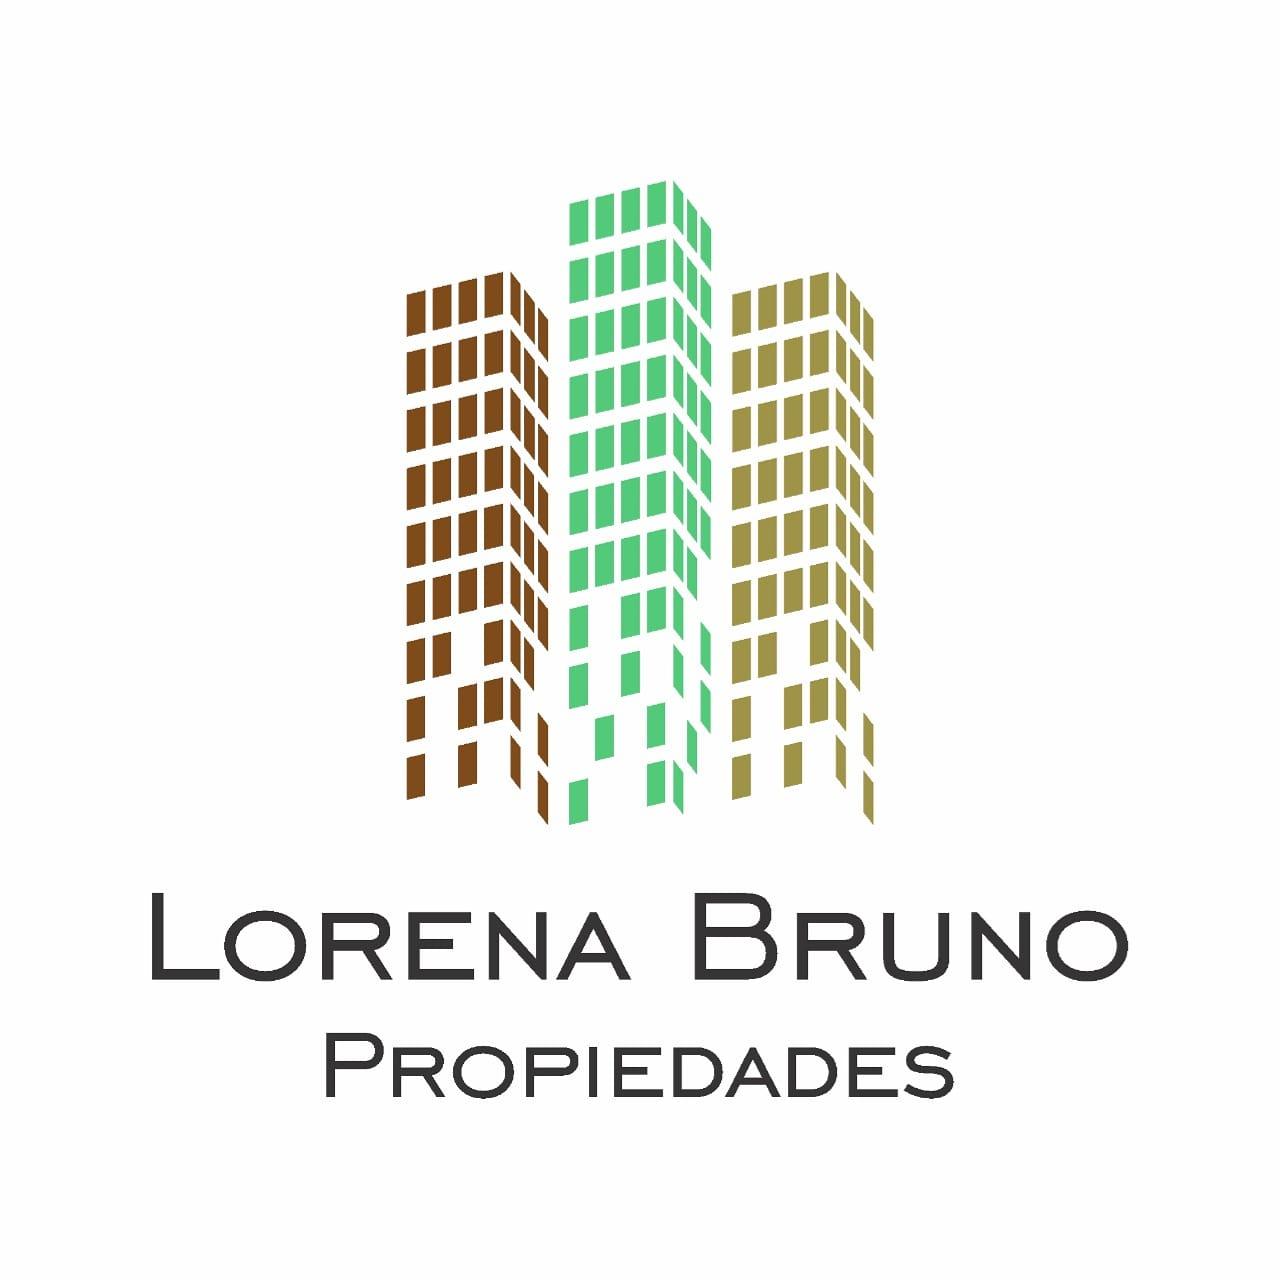 Lorena Bruno Propiedades